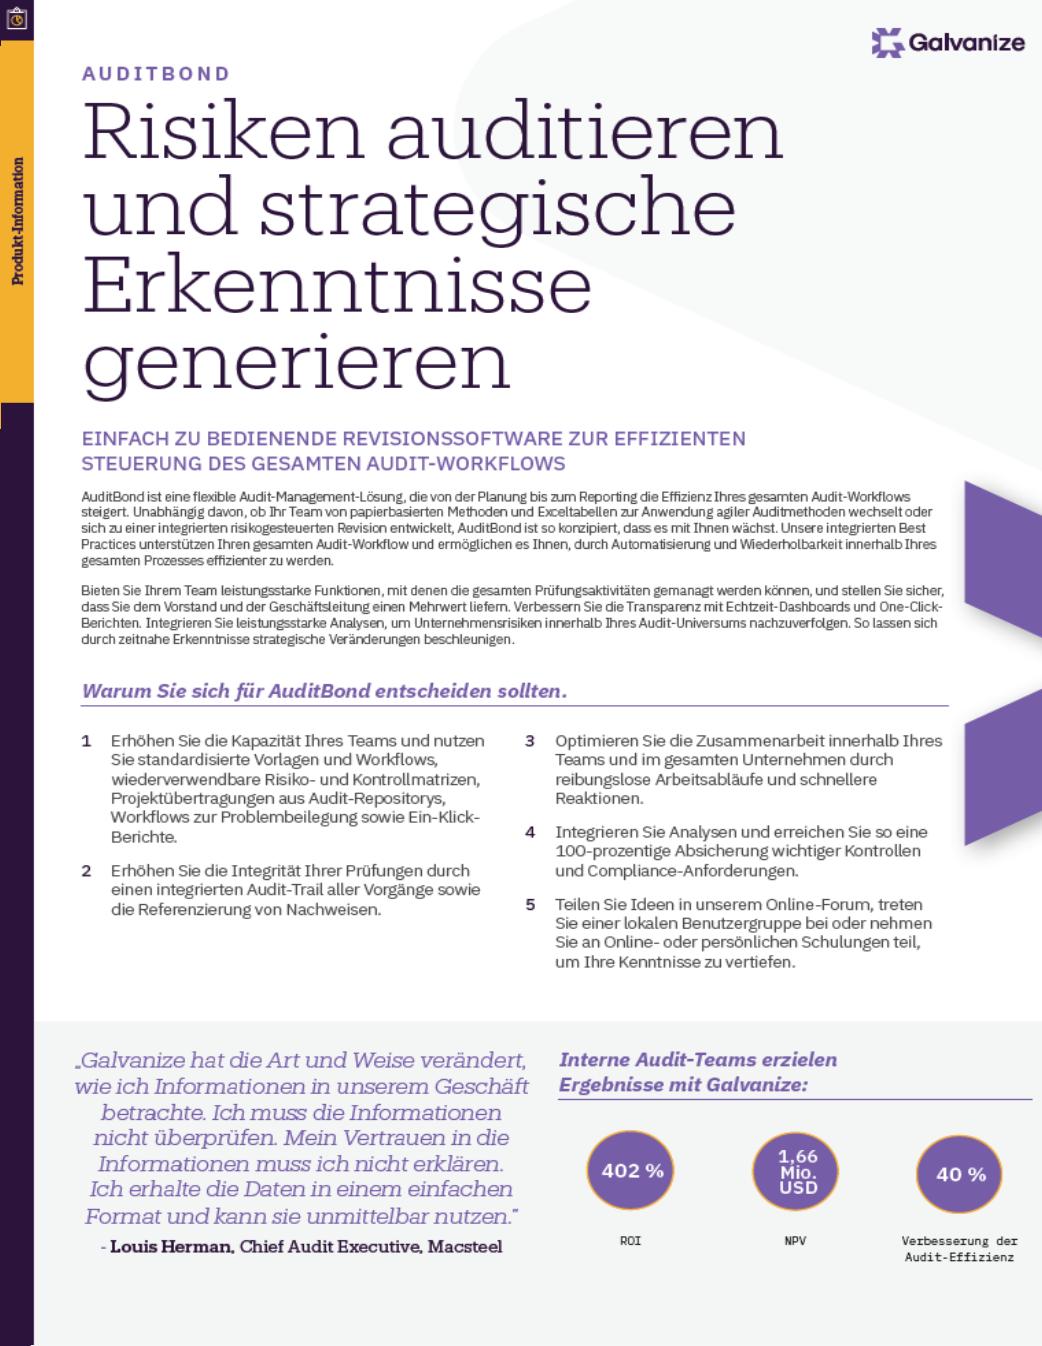 Risiken auditieren und strategische Erkenntnisse generieren